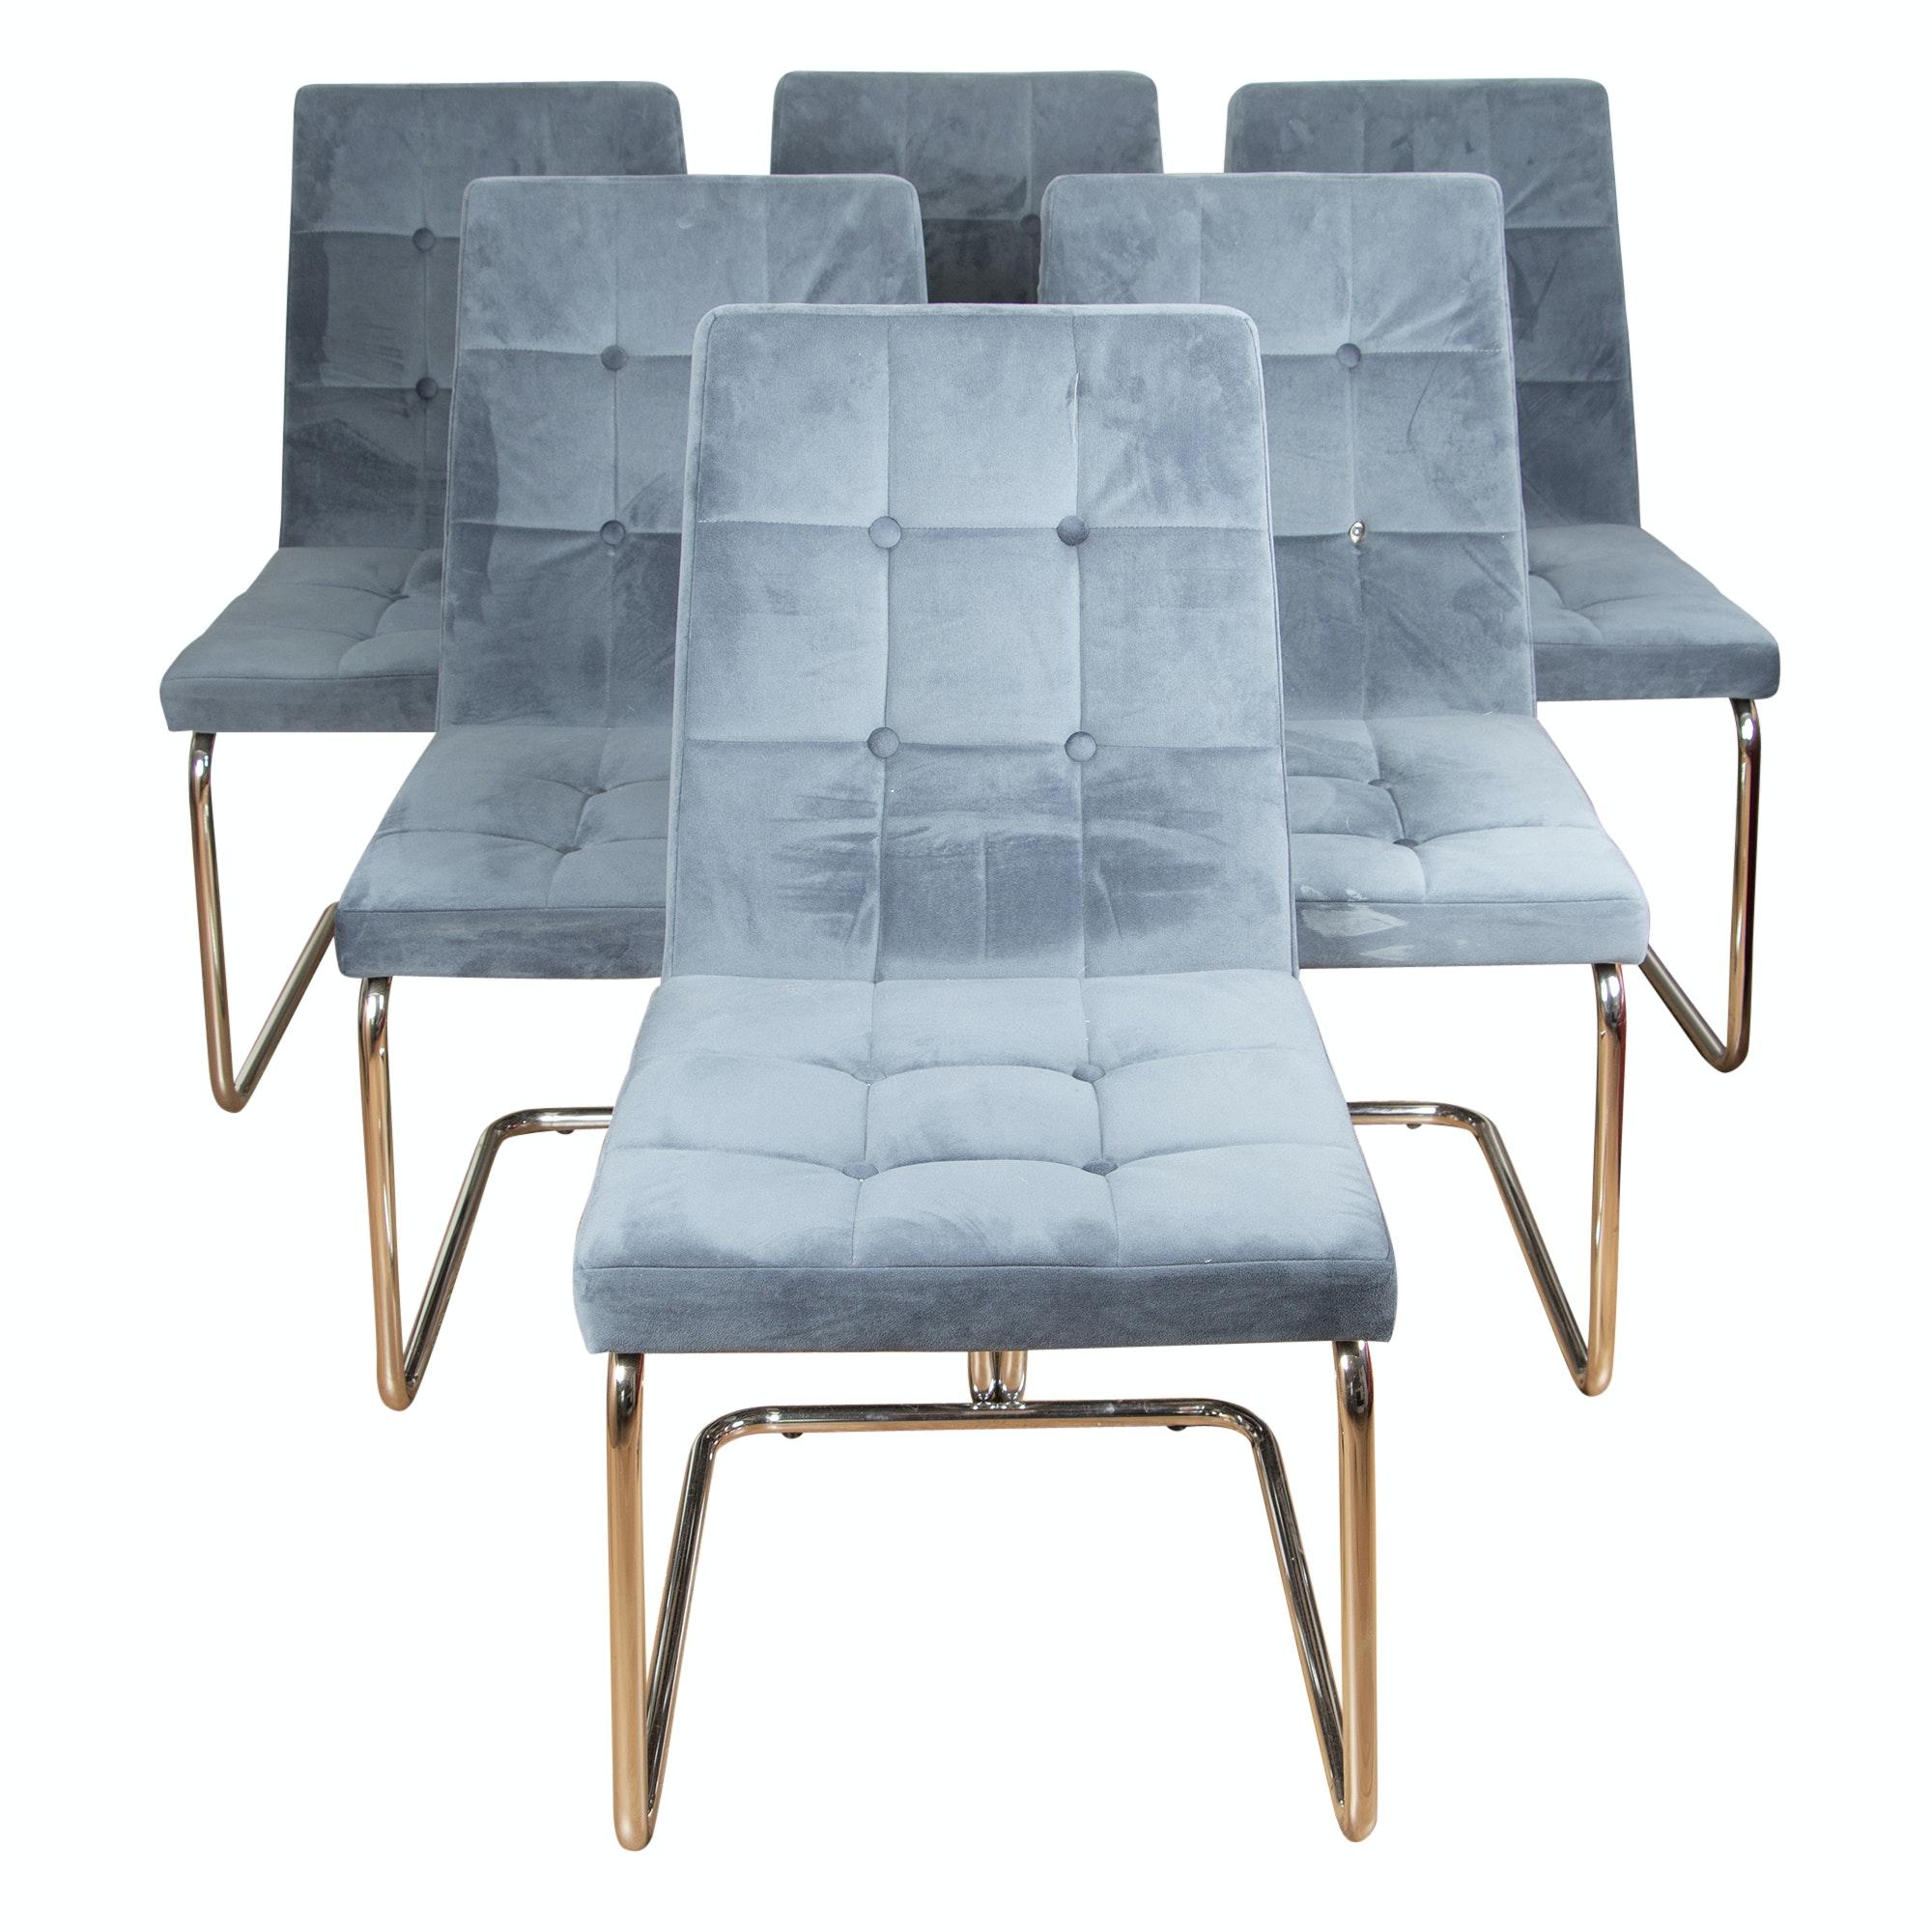 Velvet Upholstered Cantilever Slipper Chairs, Dated 2017